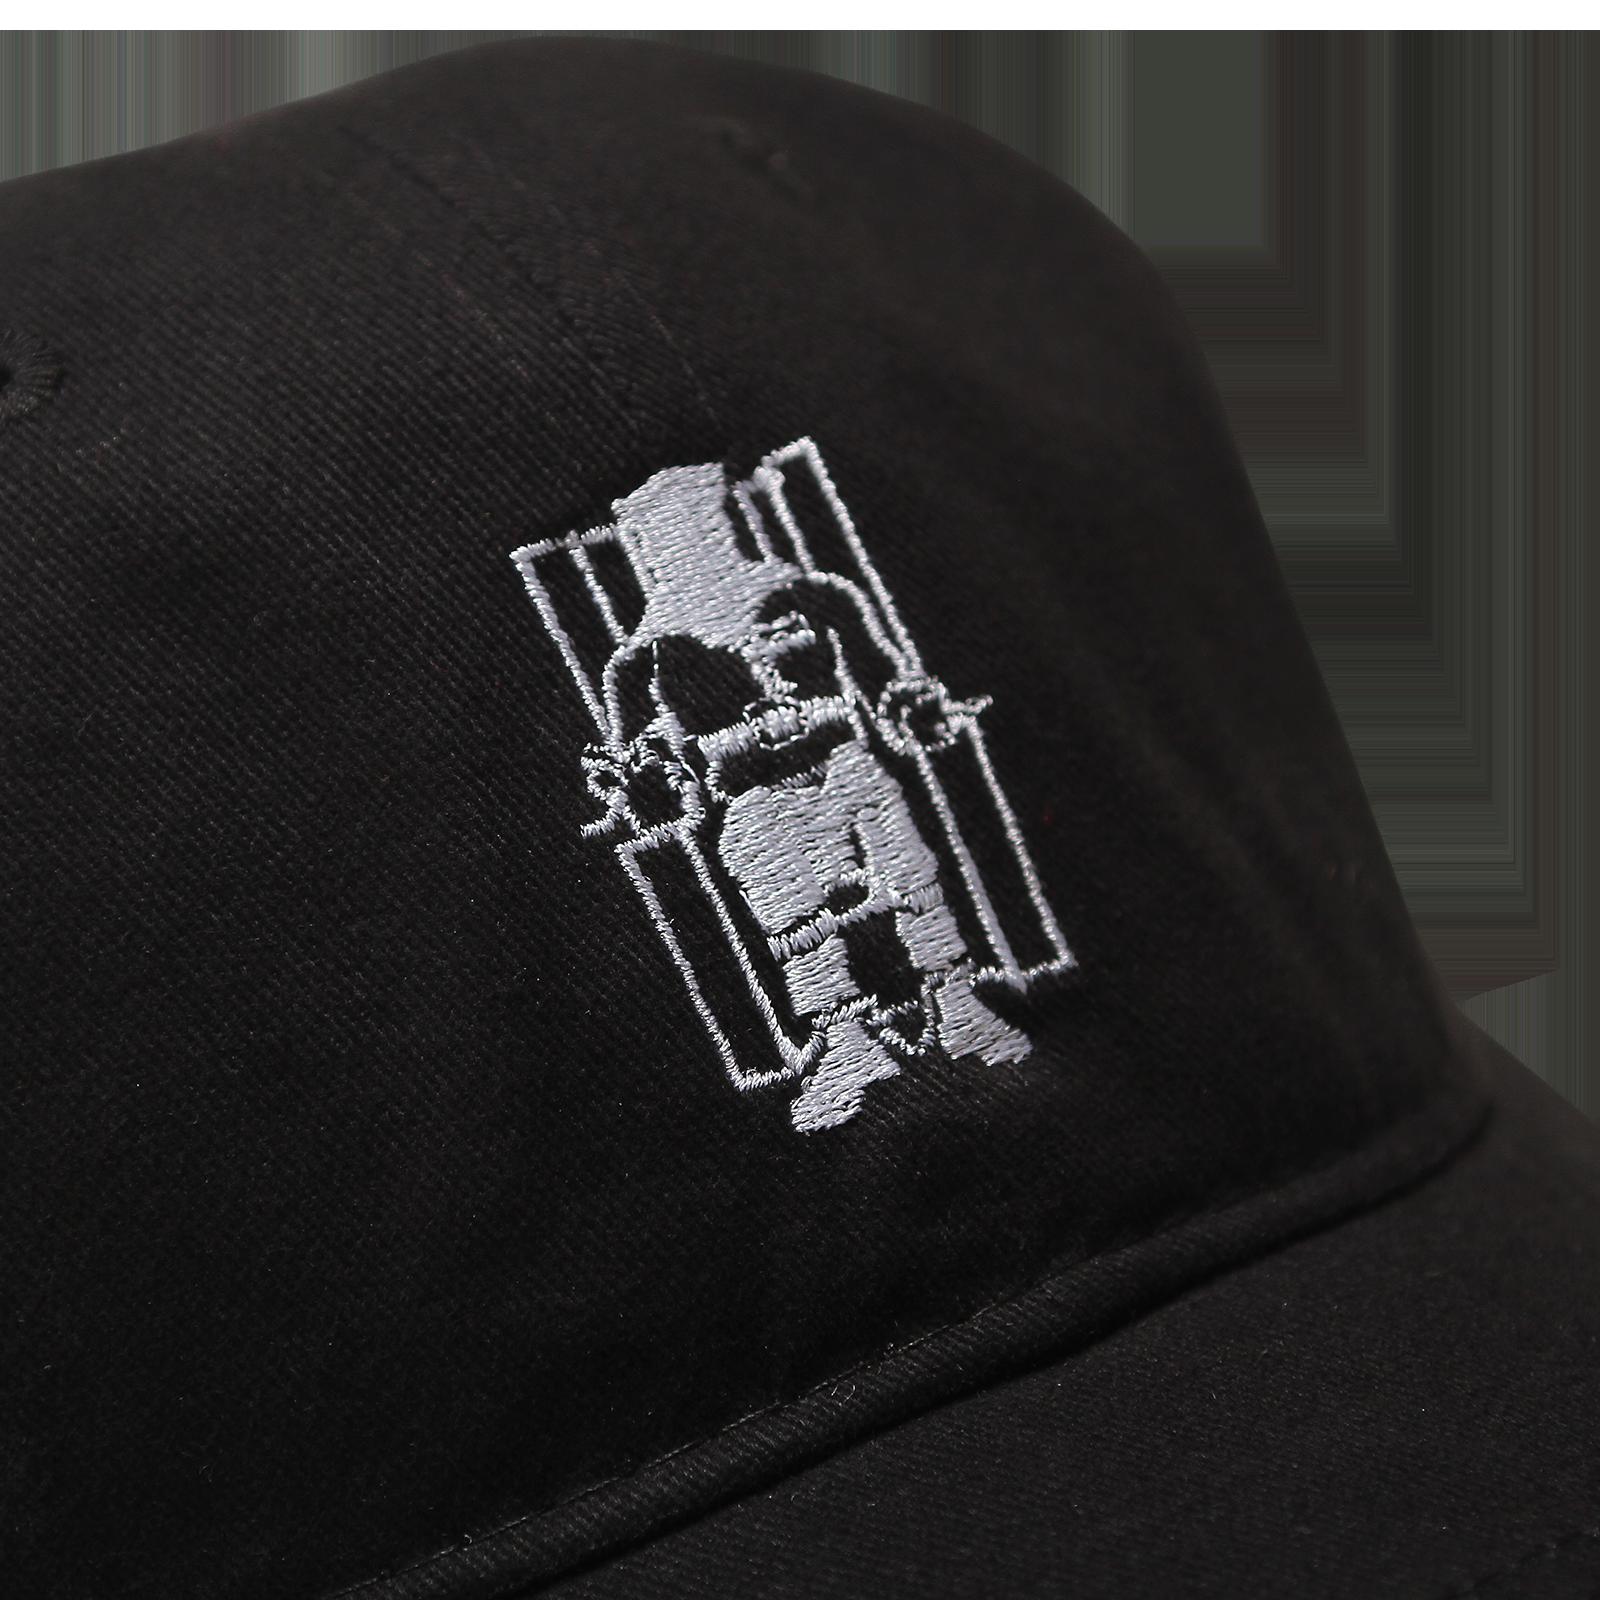 a80407367a630 Death Row Records Black Dad Hat - Death Row Records